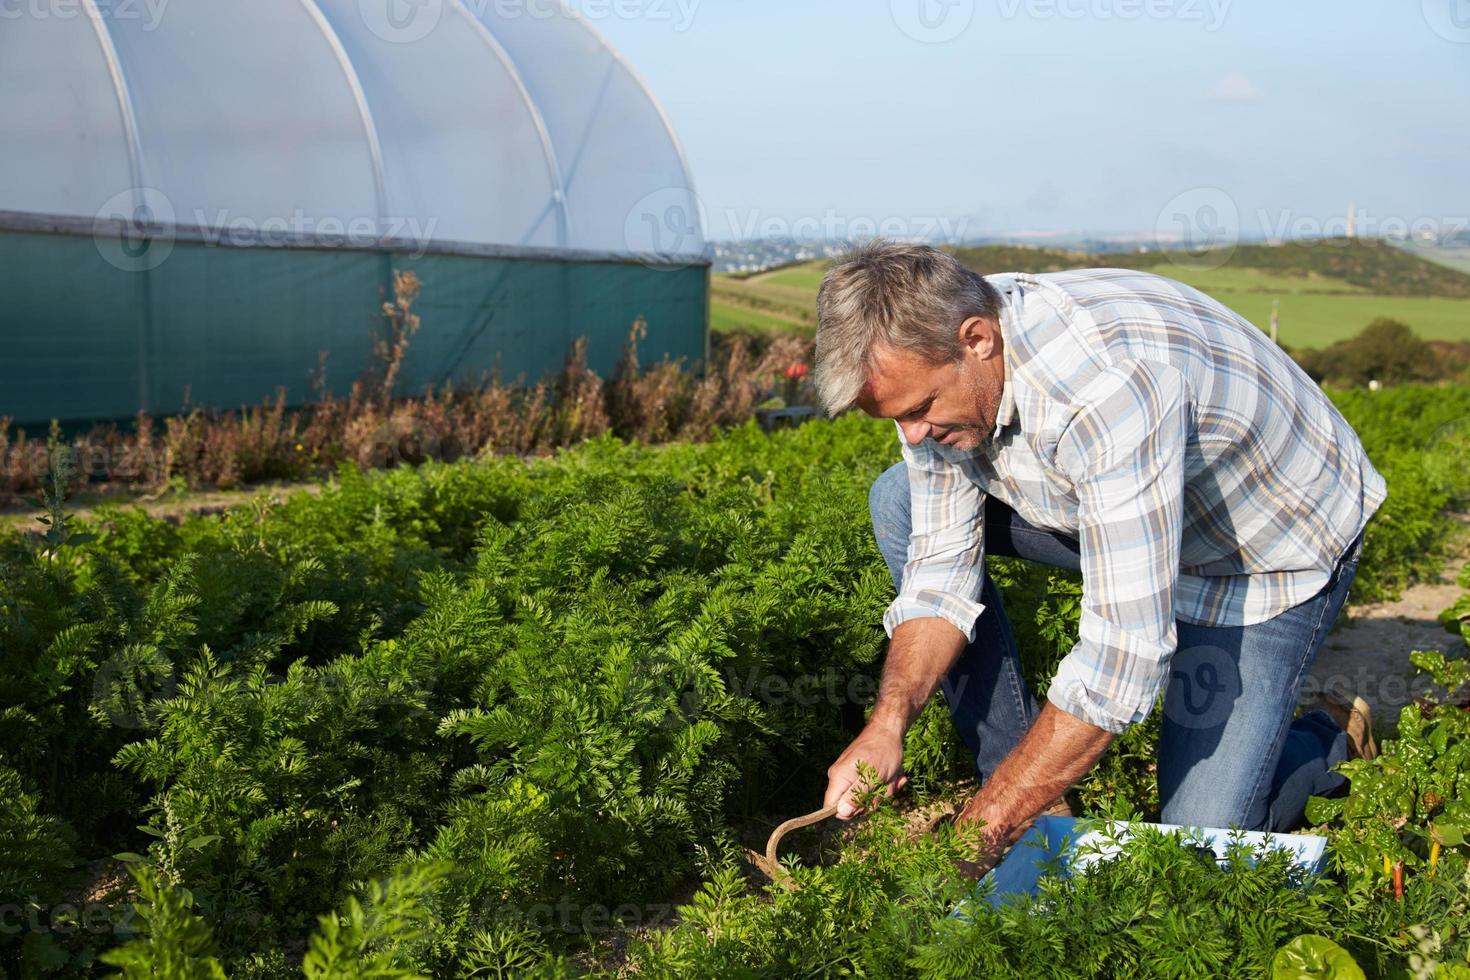 paysan, récolte, organique, carotte, récolte, ferme photo